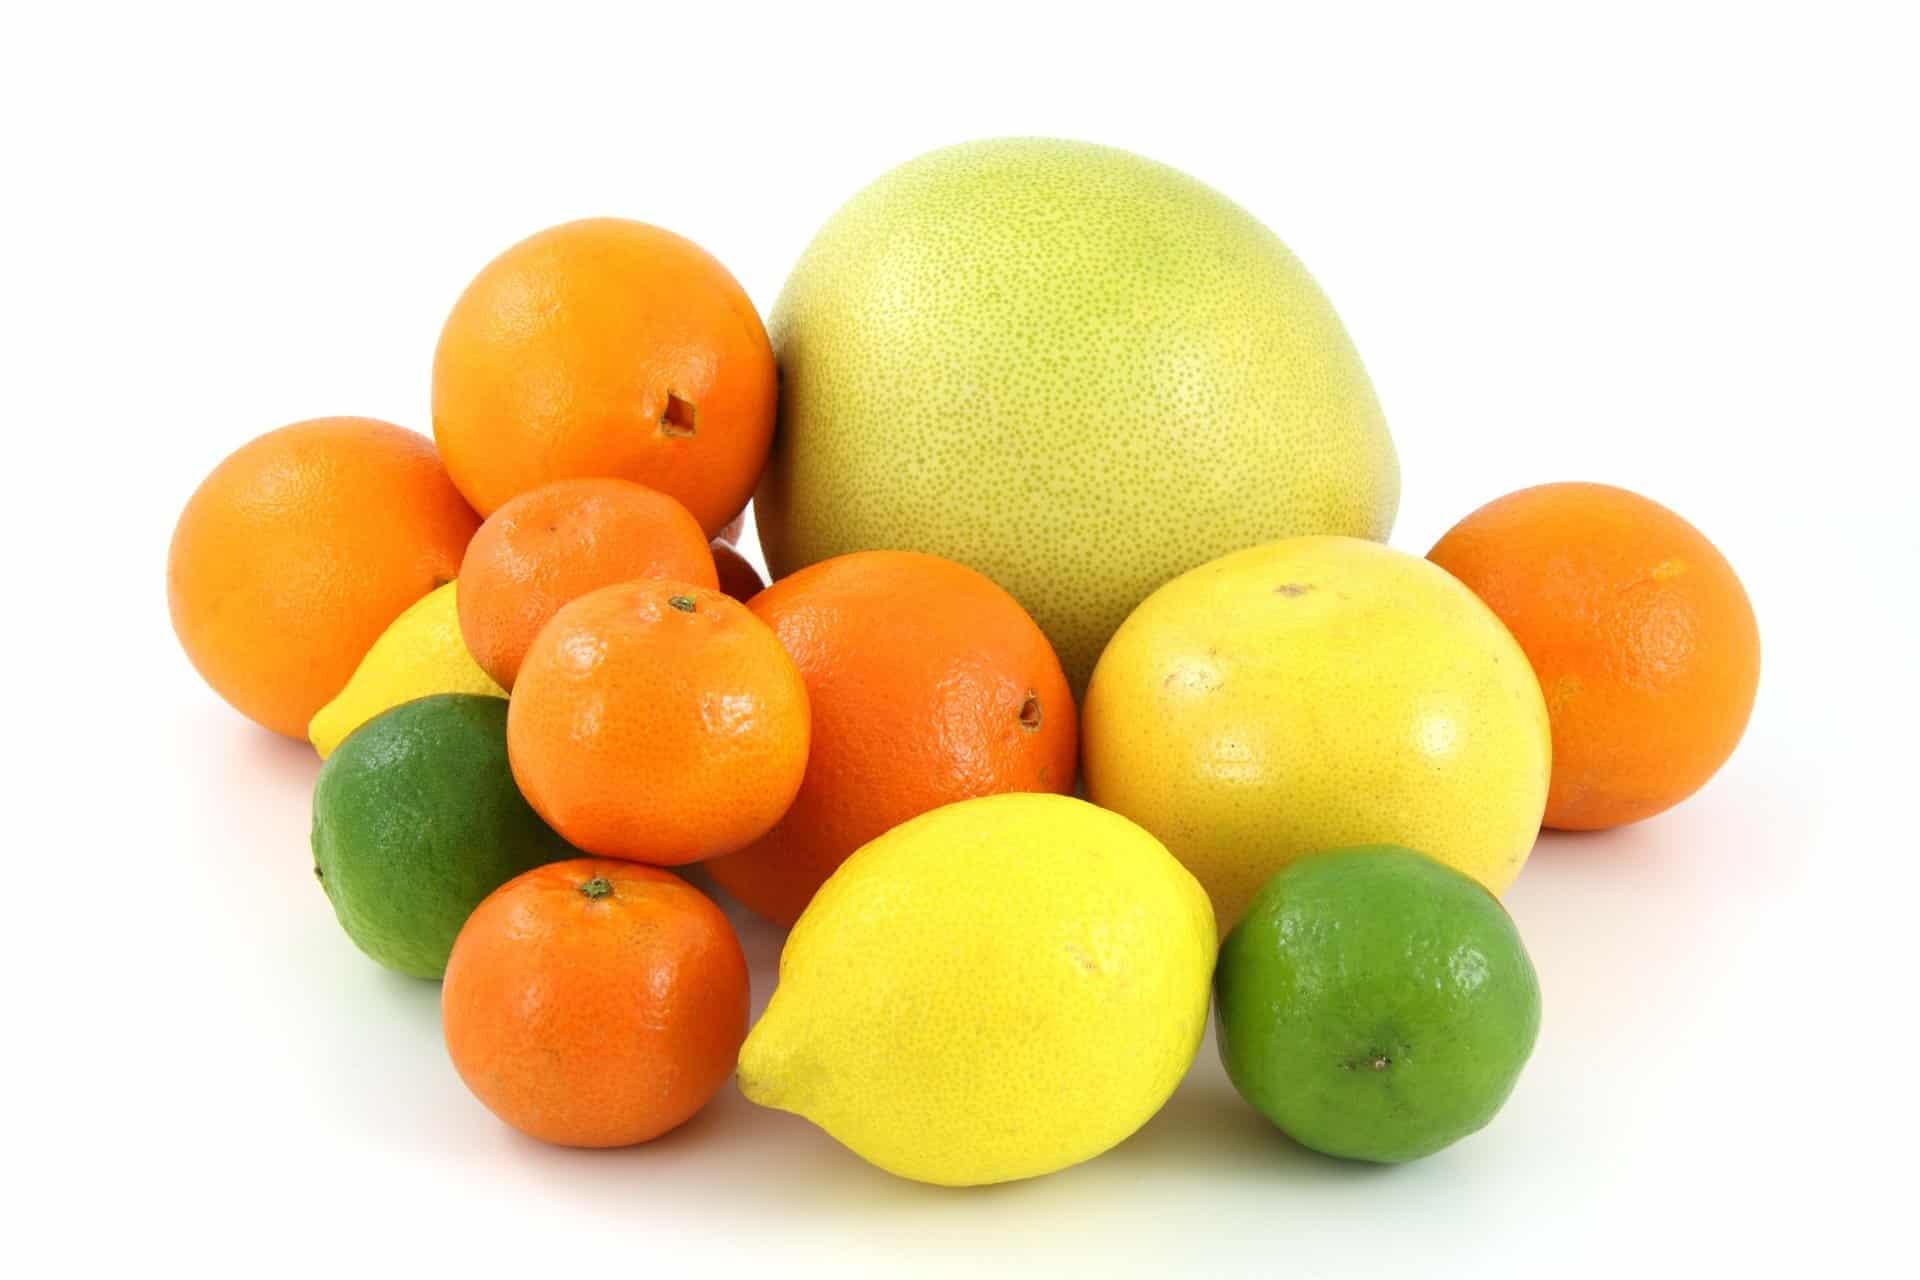 fruit 15408 1920 - فوائد الحمضيات (لن تتخلى عنها بعد اليوم)